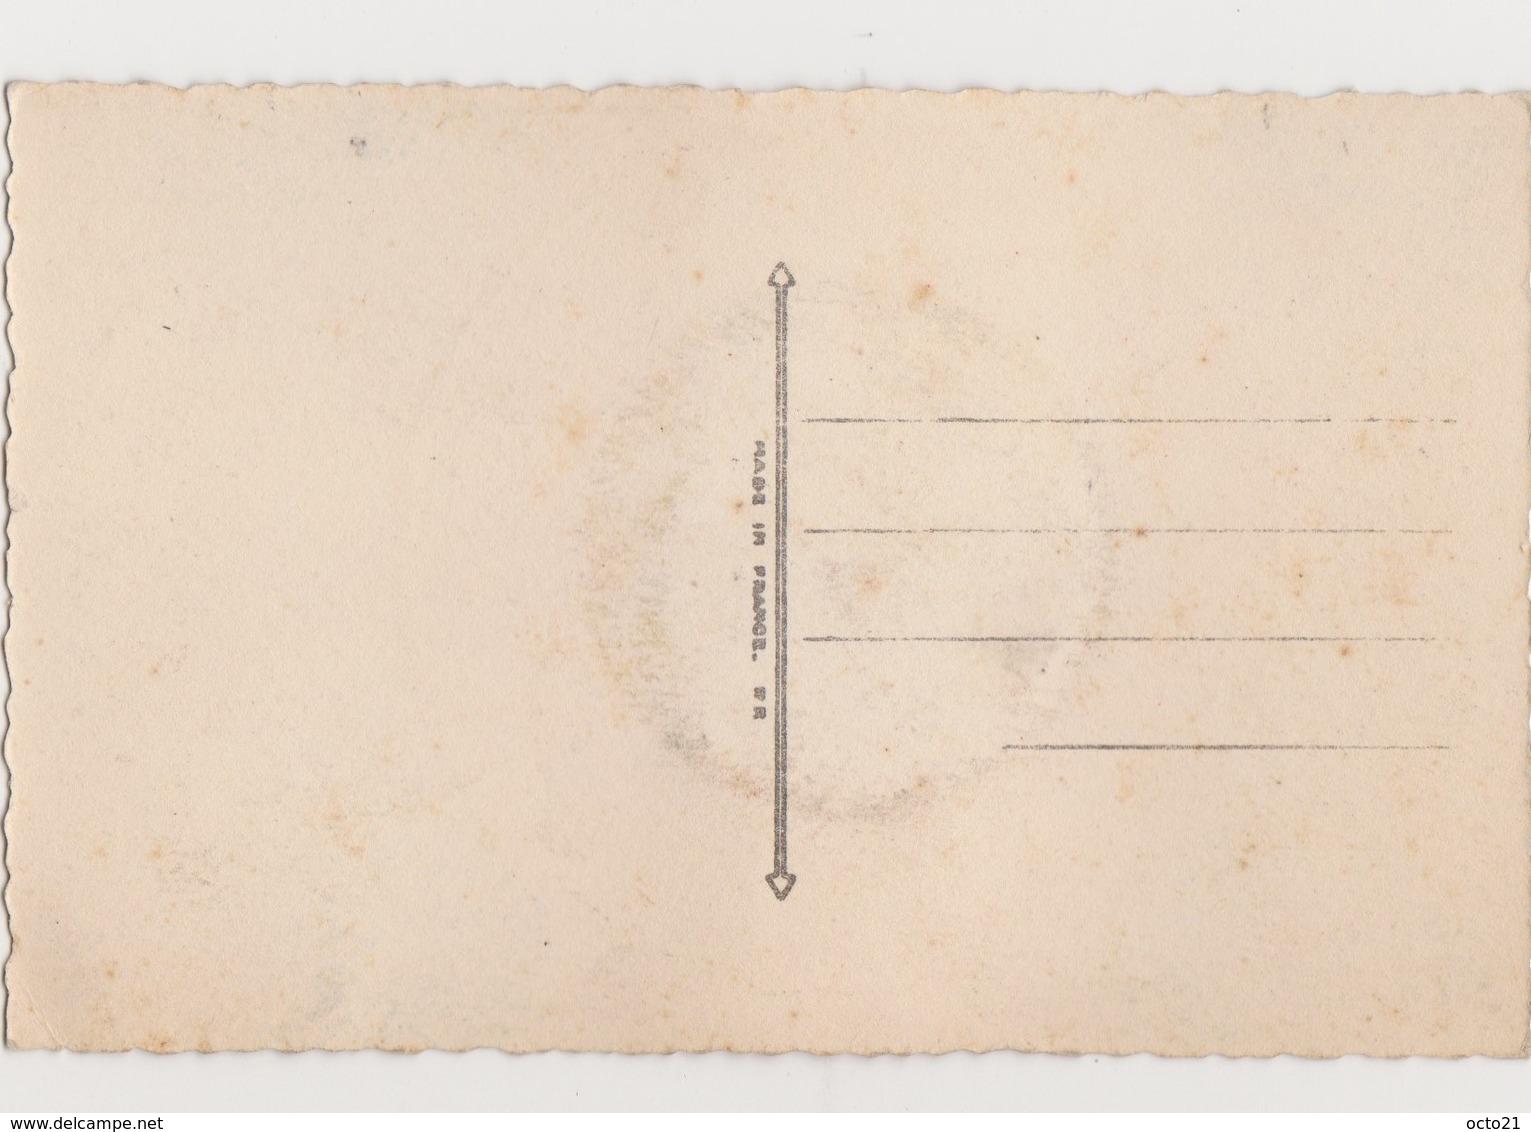 4 Cartes Fantaisie  / En Souvenir Des Douces Heures écoulées / Photo D'un Couple Dans Le Cadran D'une Montre - Couples